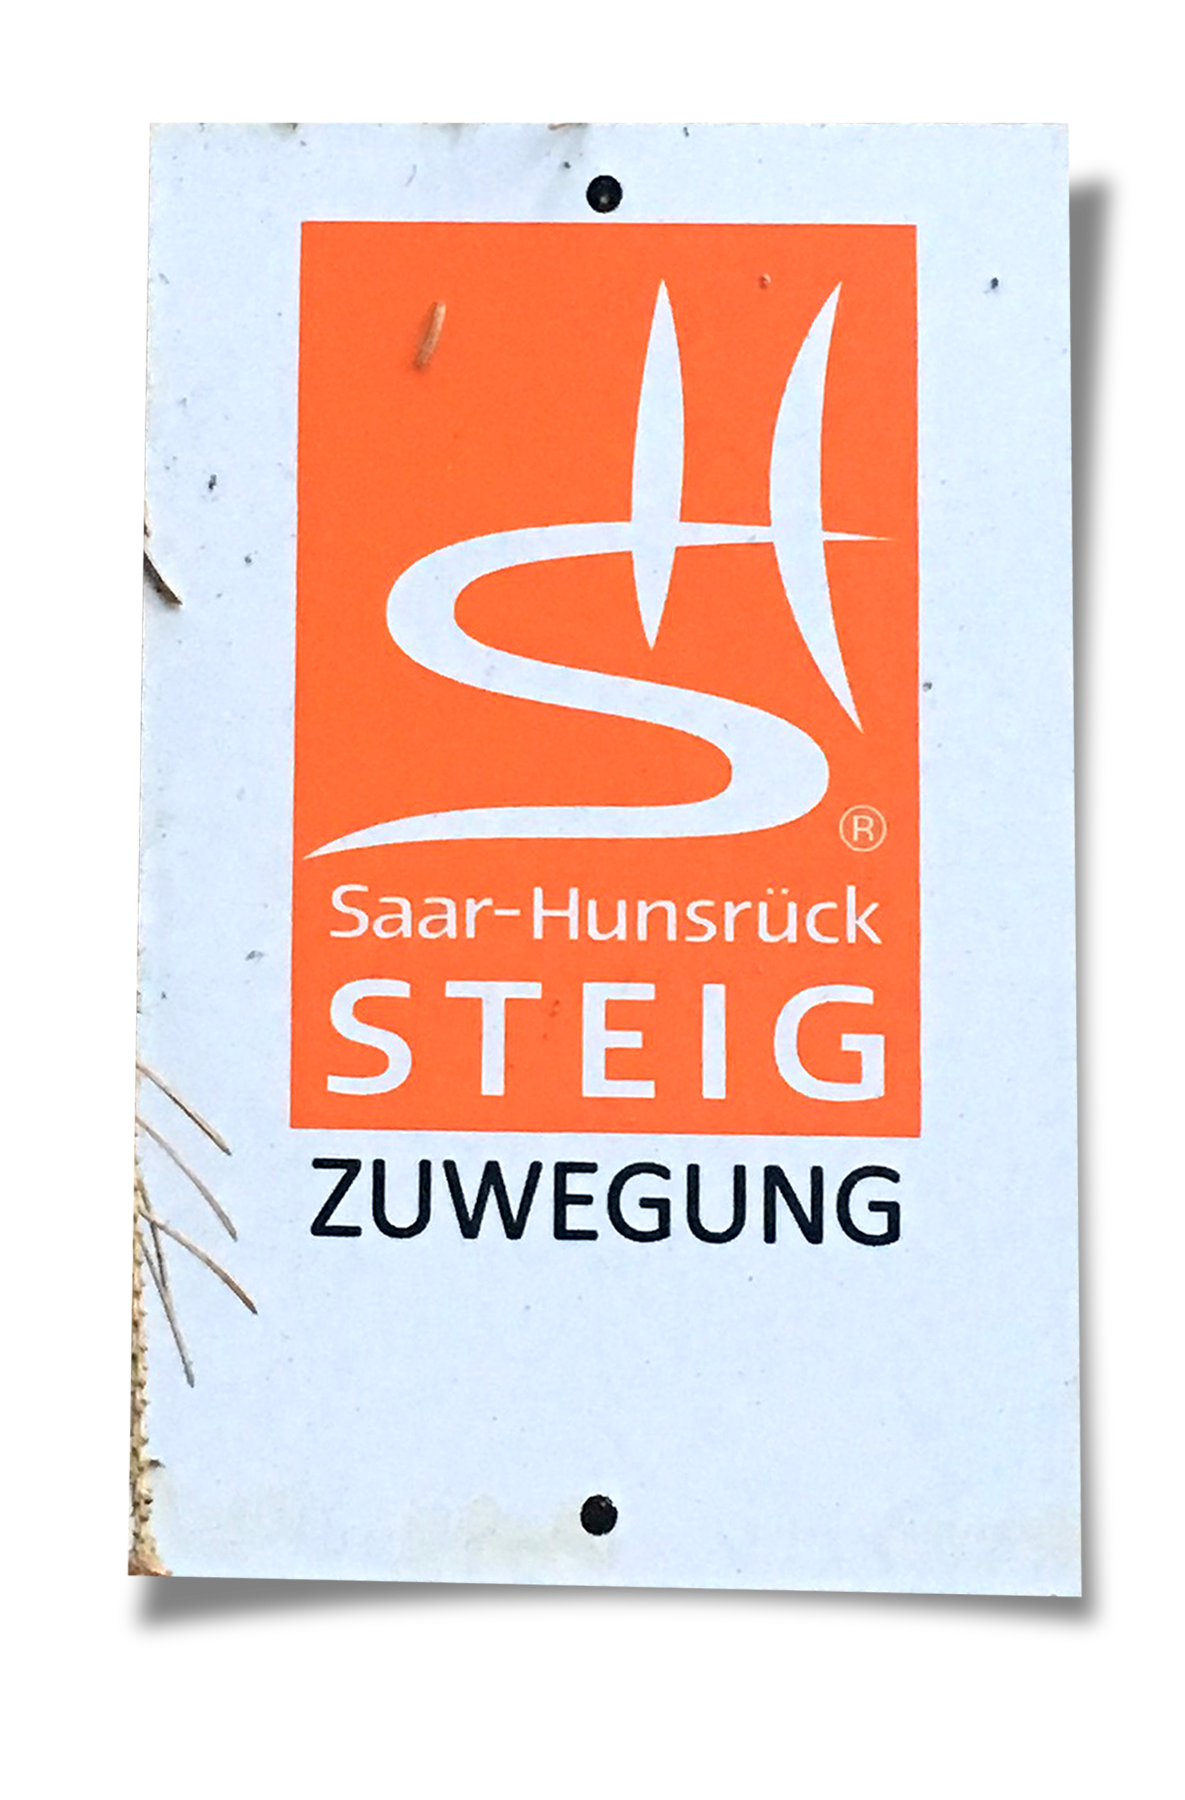 Saar Hunsrück Steig